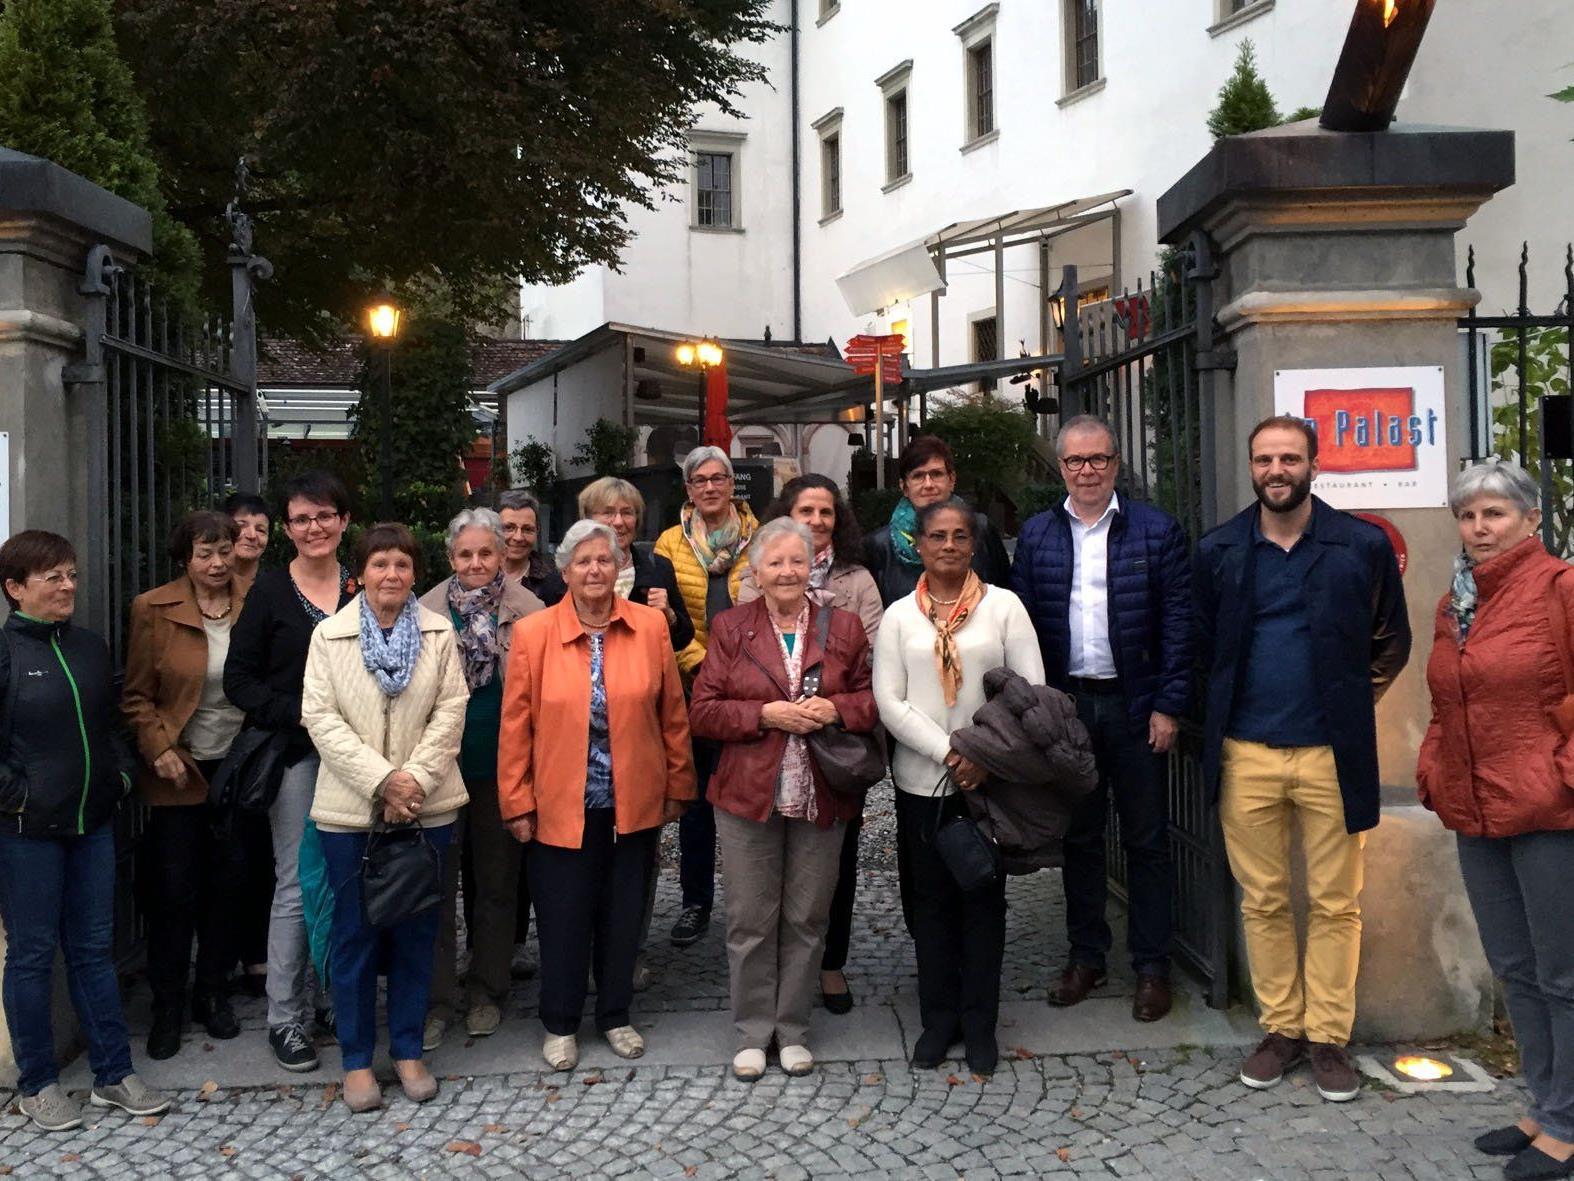 Die Ausflugsgruppe, bestehend aus den ehrenamtlichen Mitarbeiterinnen und Mitarbeitern, den Ehrenamtskoordinatorinnen, der Pflegedienstleitung und der Heimleitung des SeneCura Laurentius-Parks Bludenz, vor dem Hohenemser Palast.